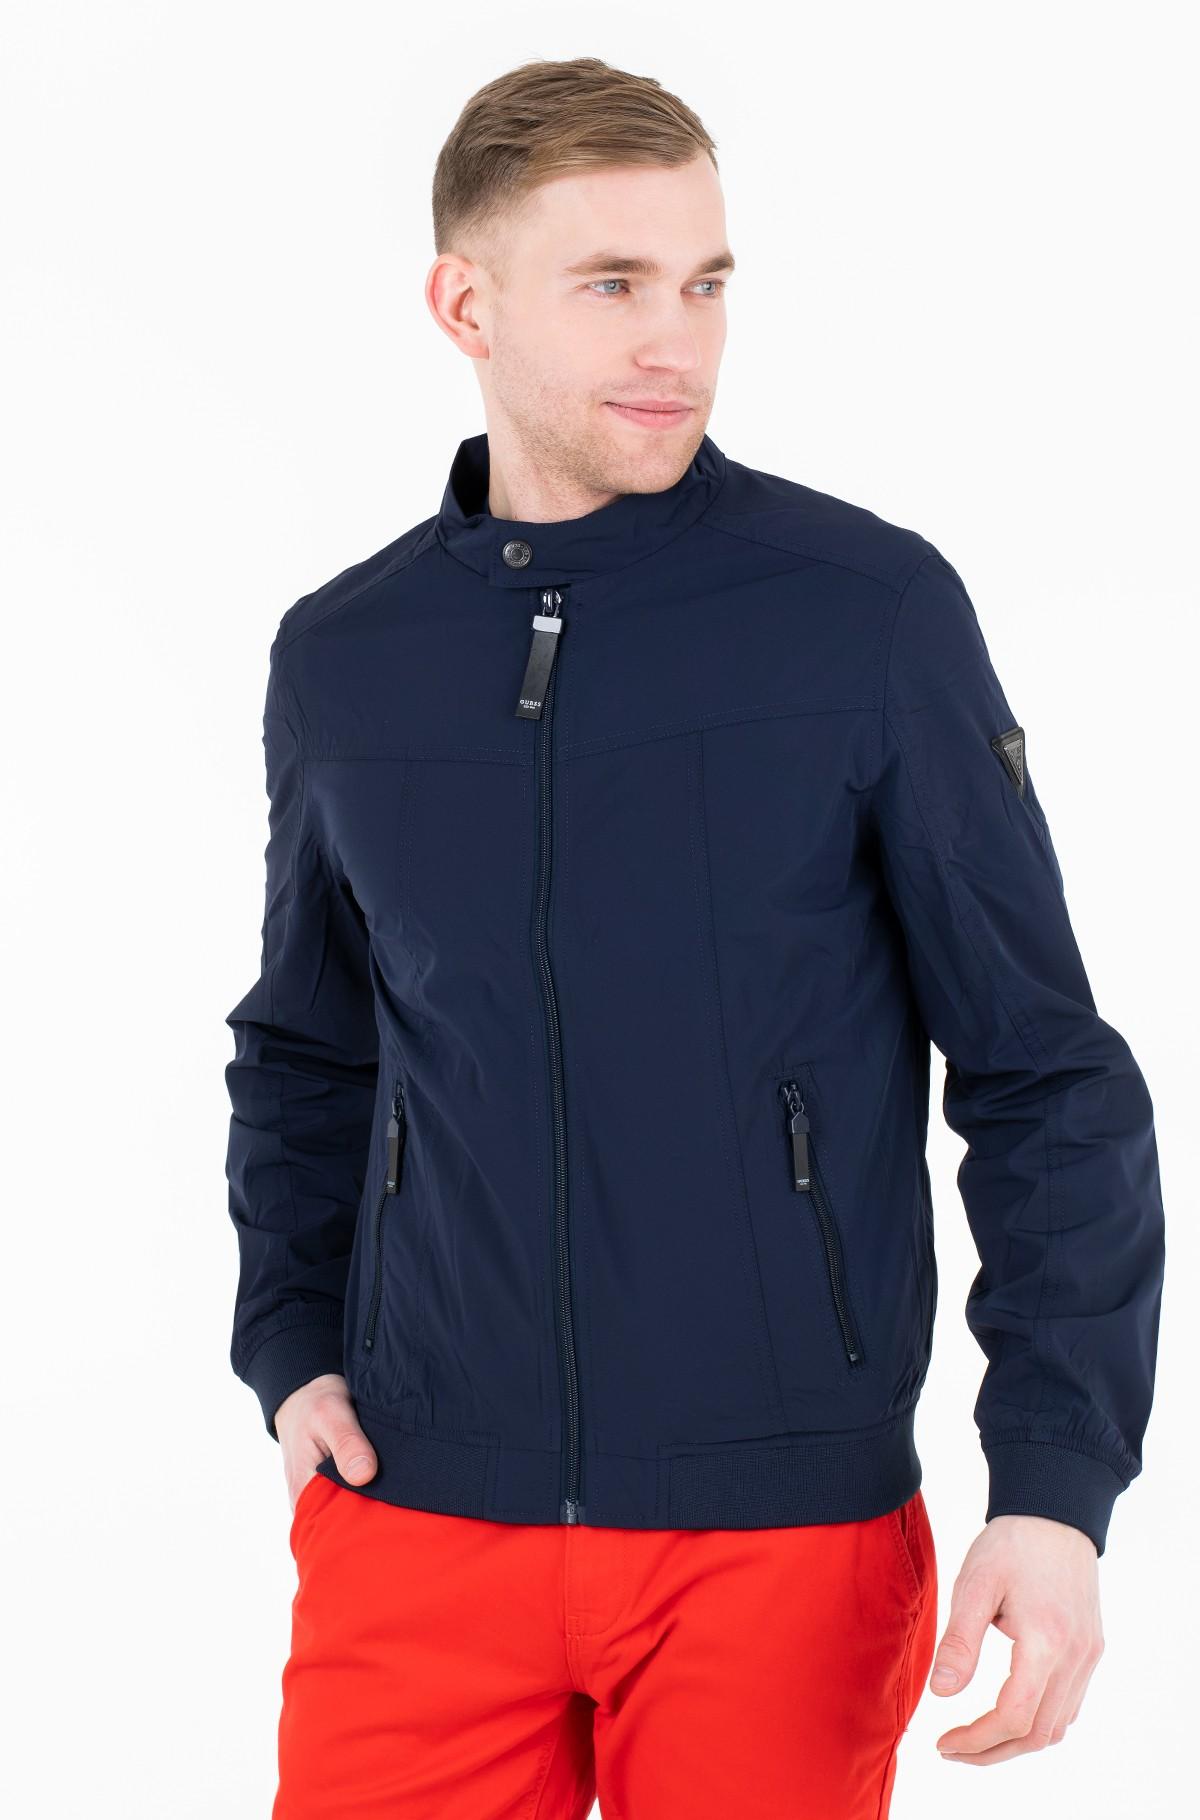 Jacket M92L32 WBFZ0-full-1